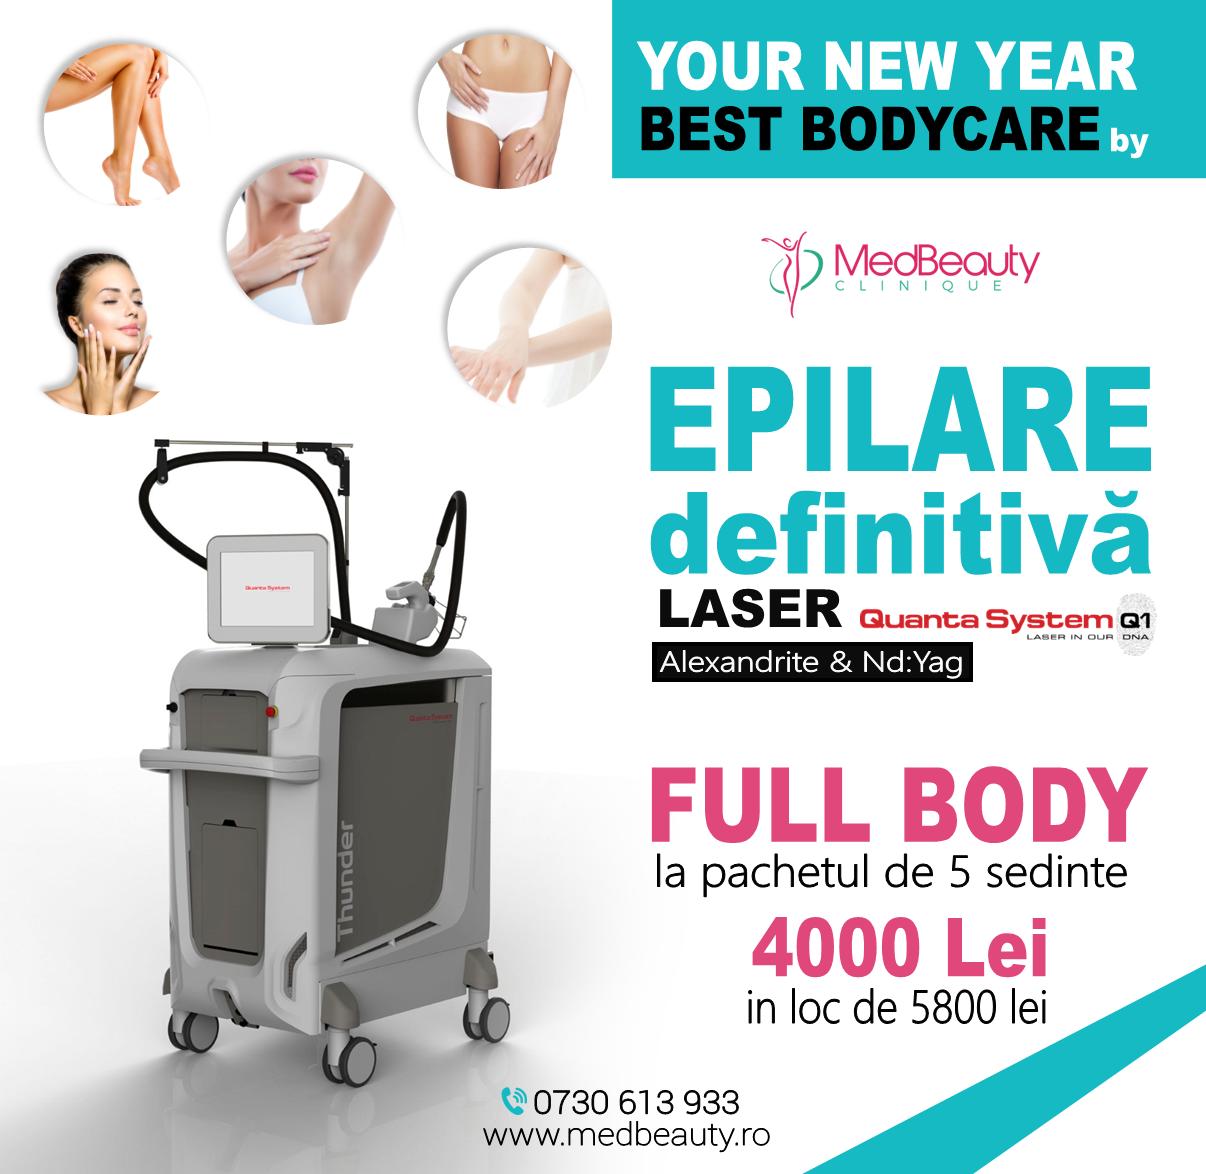 epilare definitiva full body laser